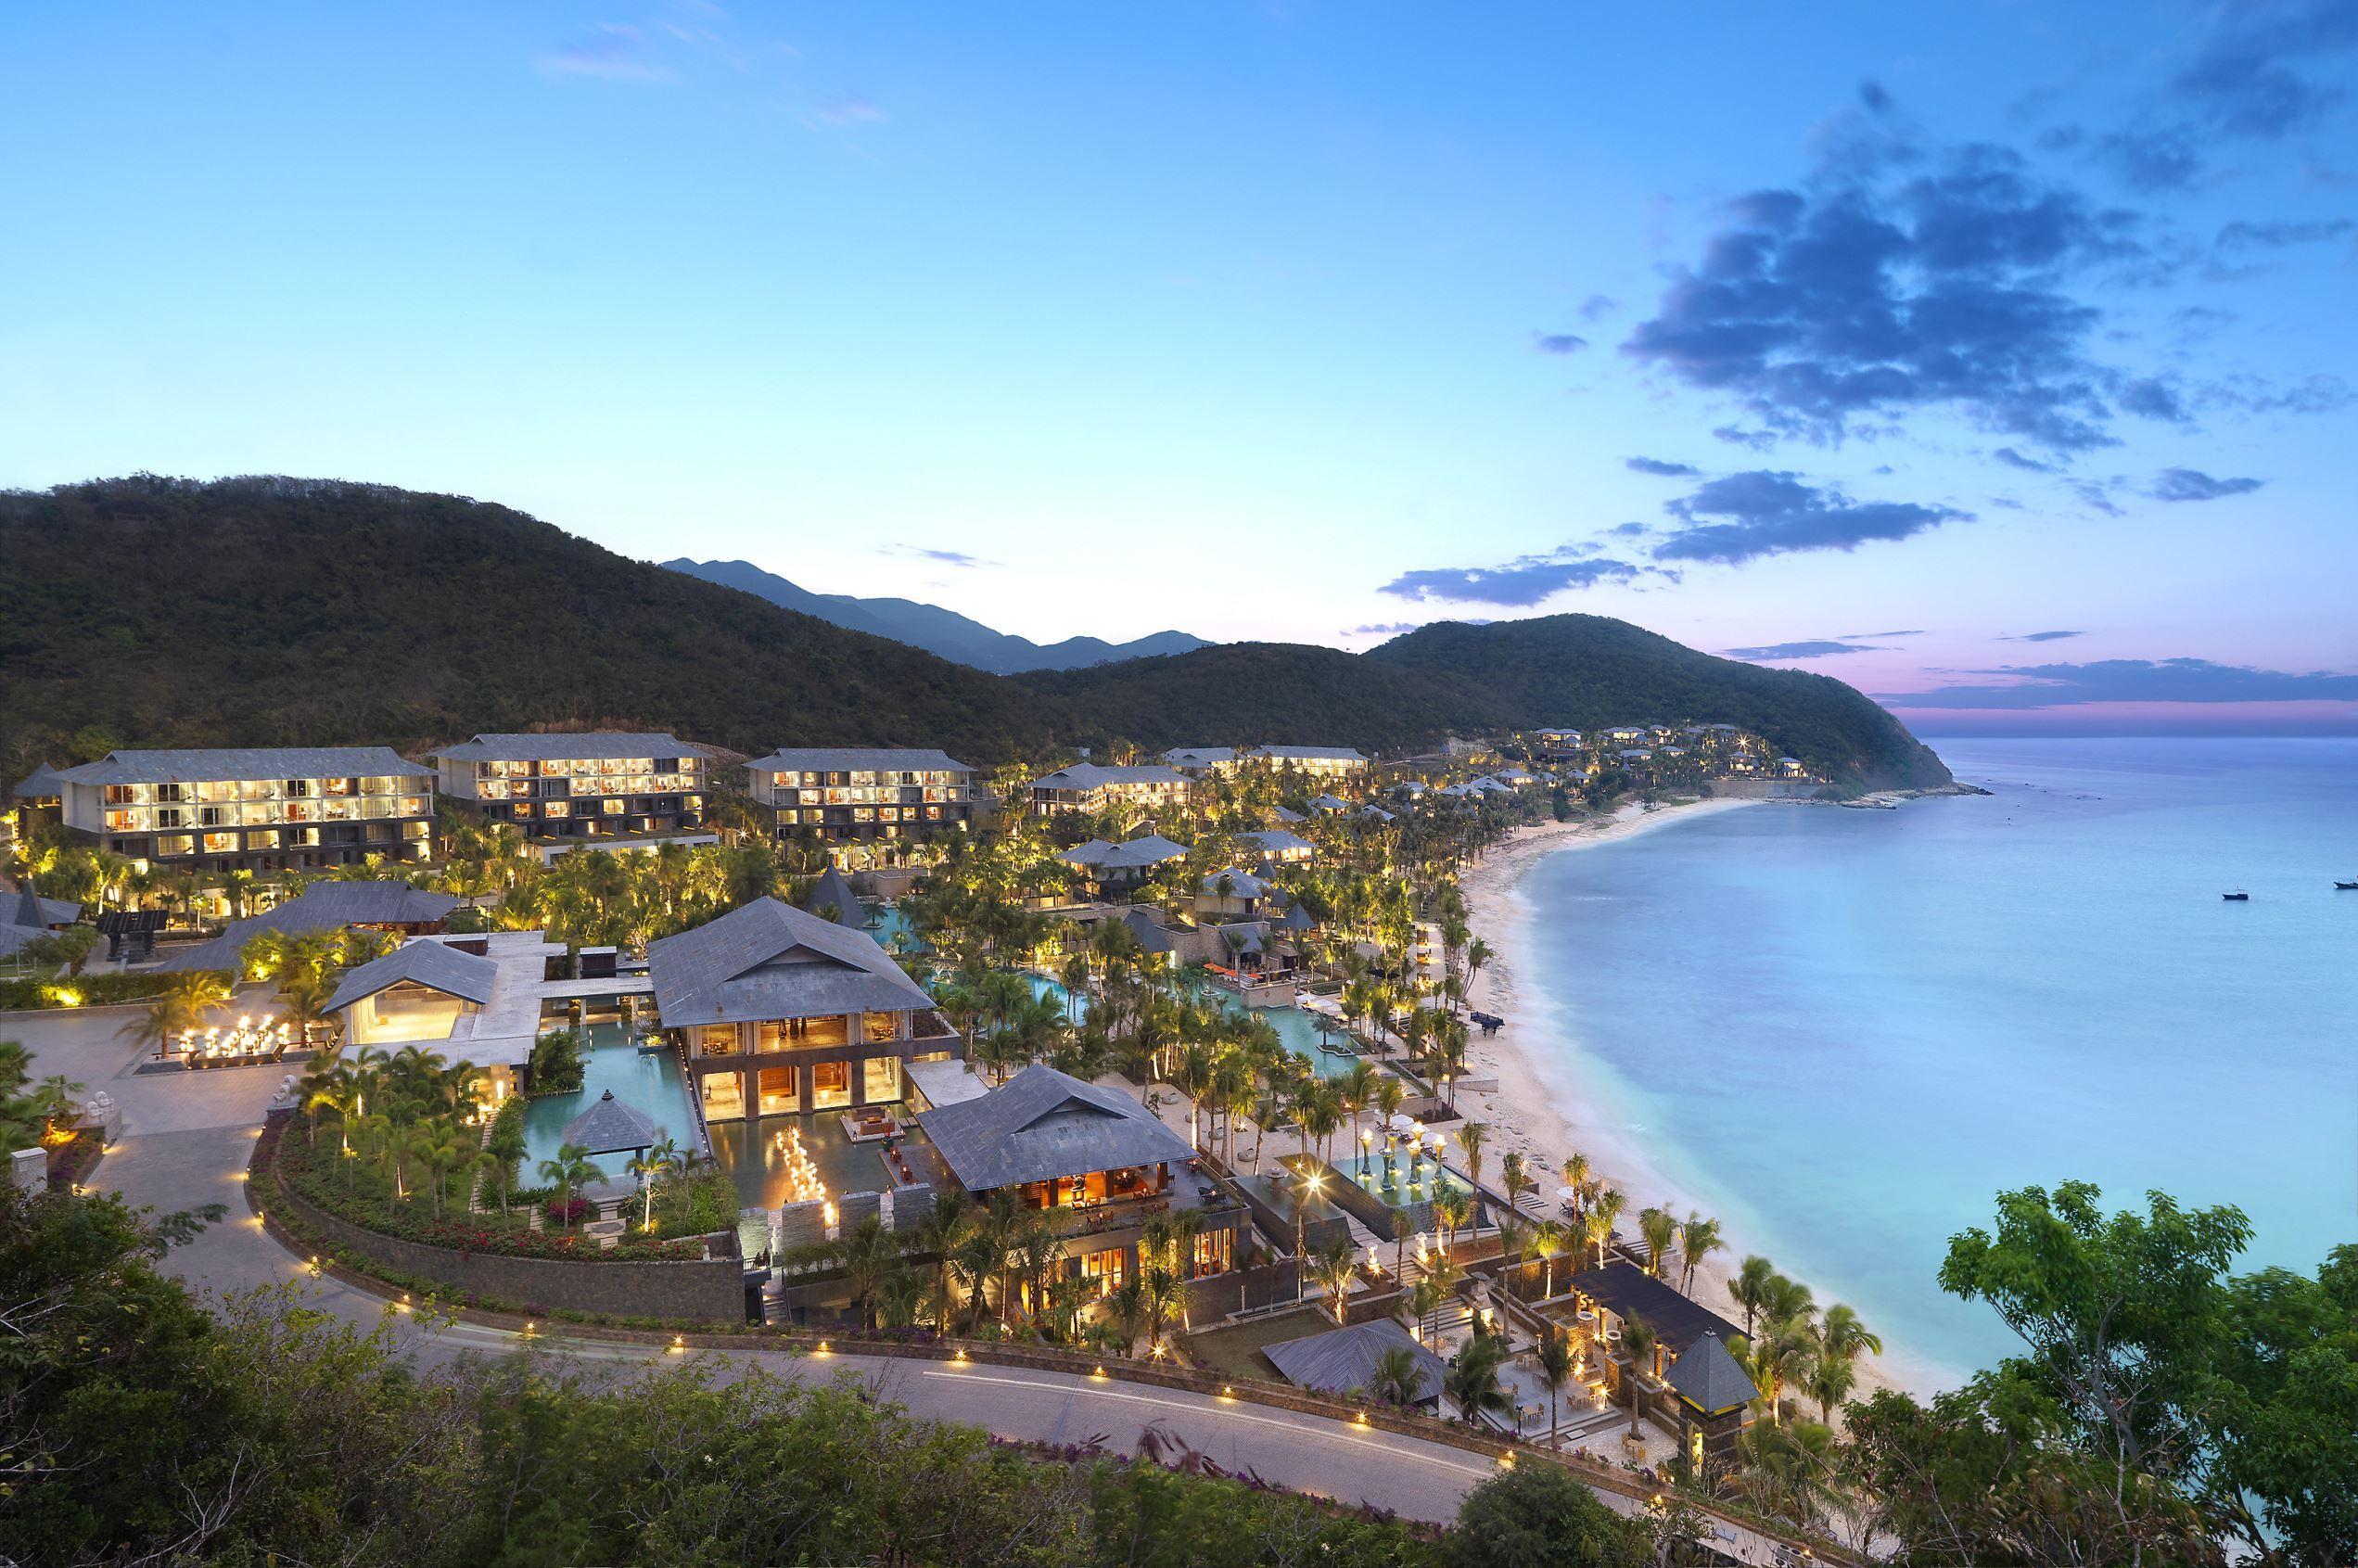 Melhores hotéis para lua-de-mel ao redor do mundo